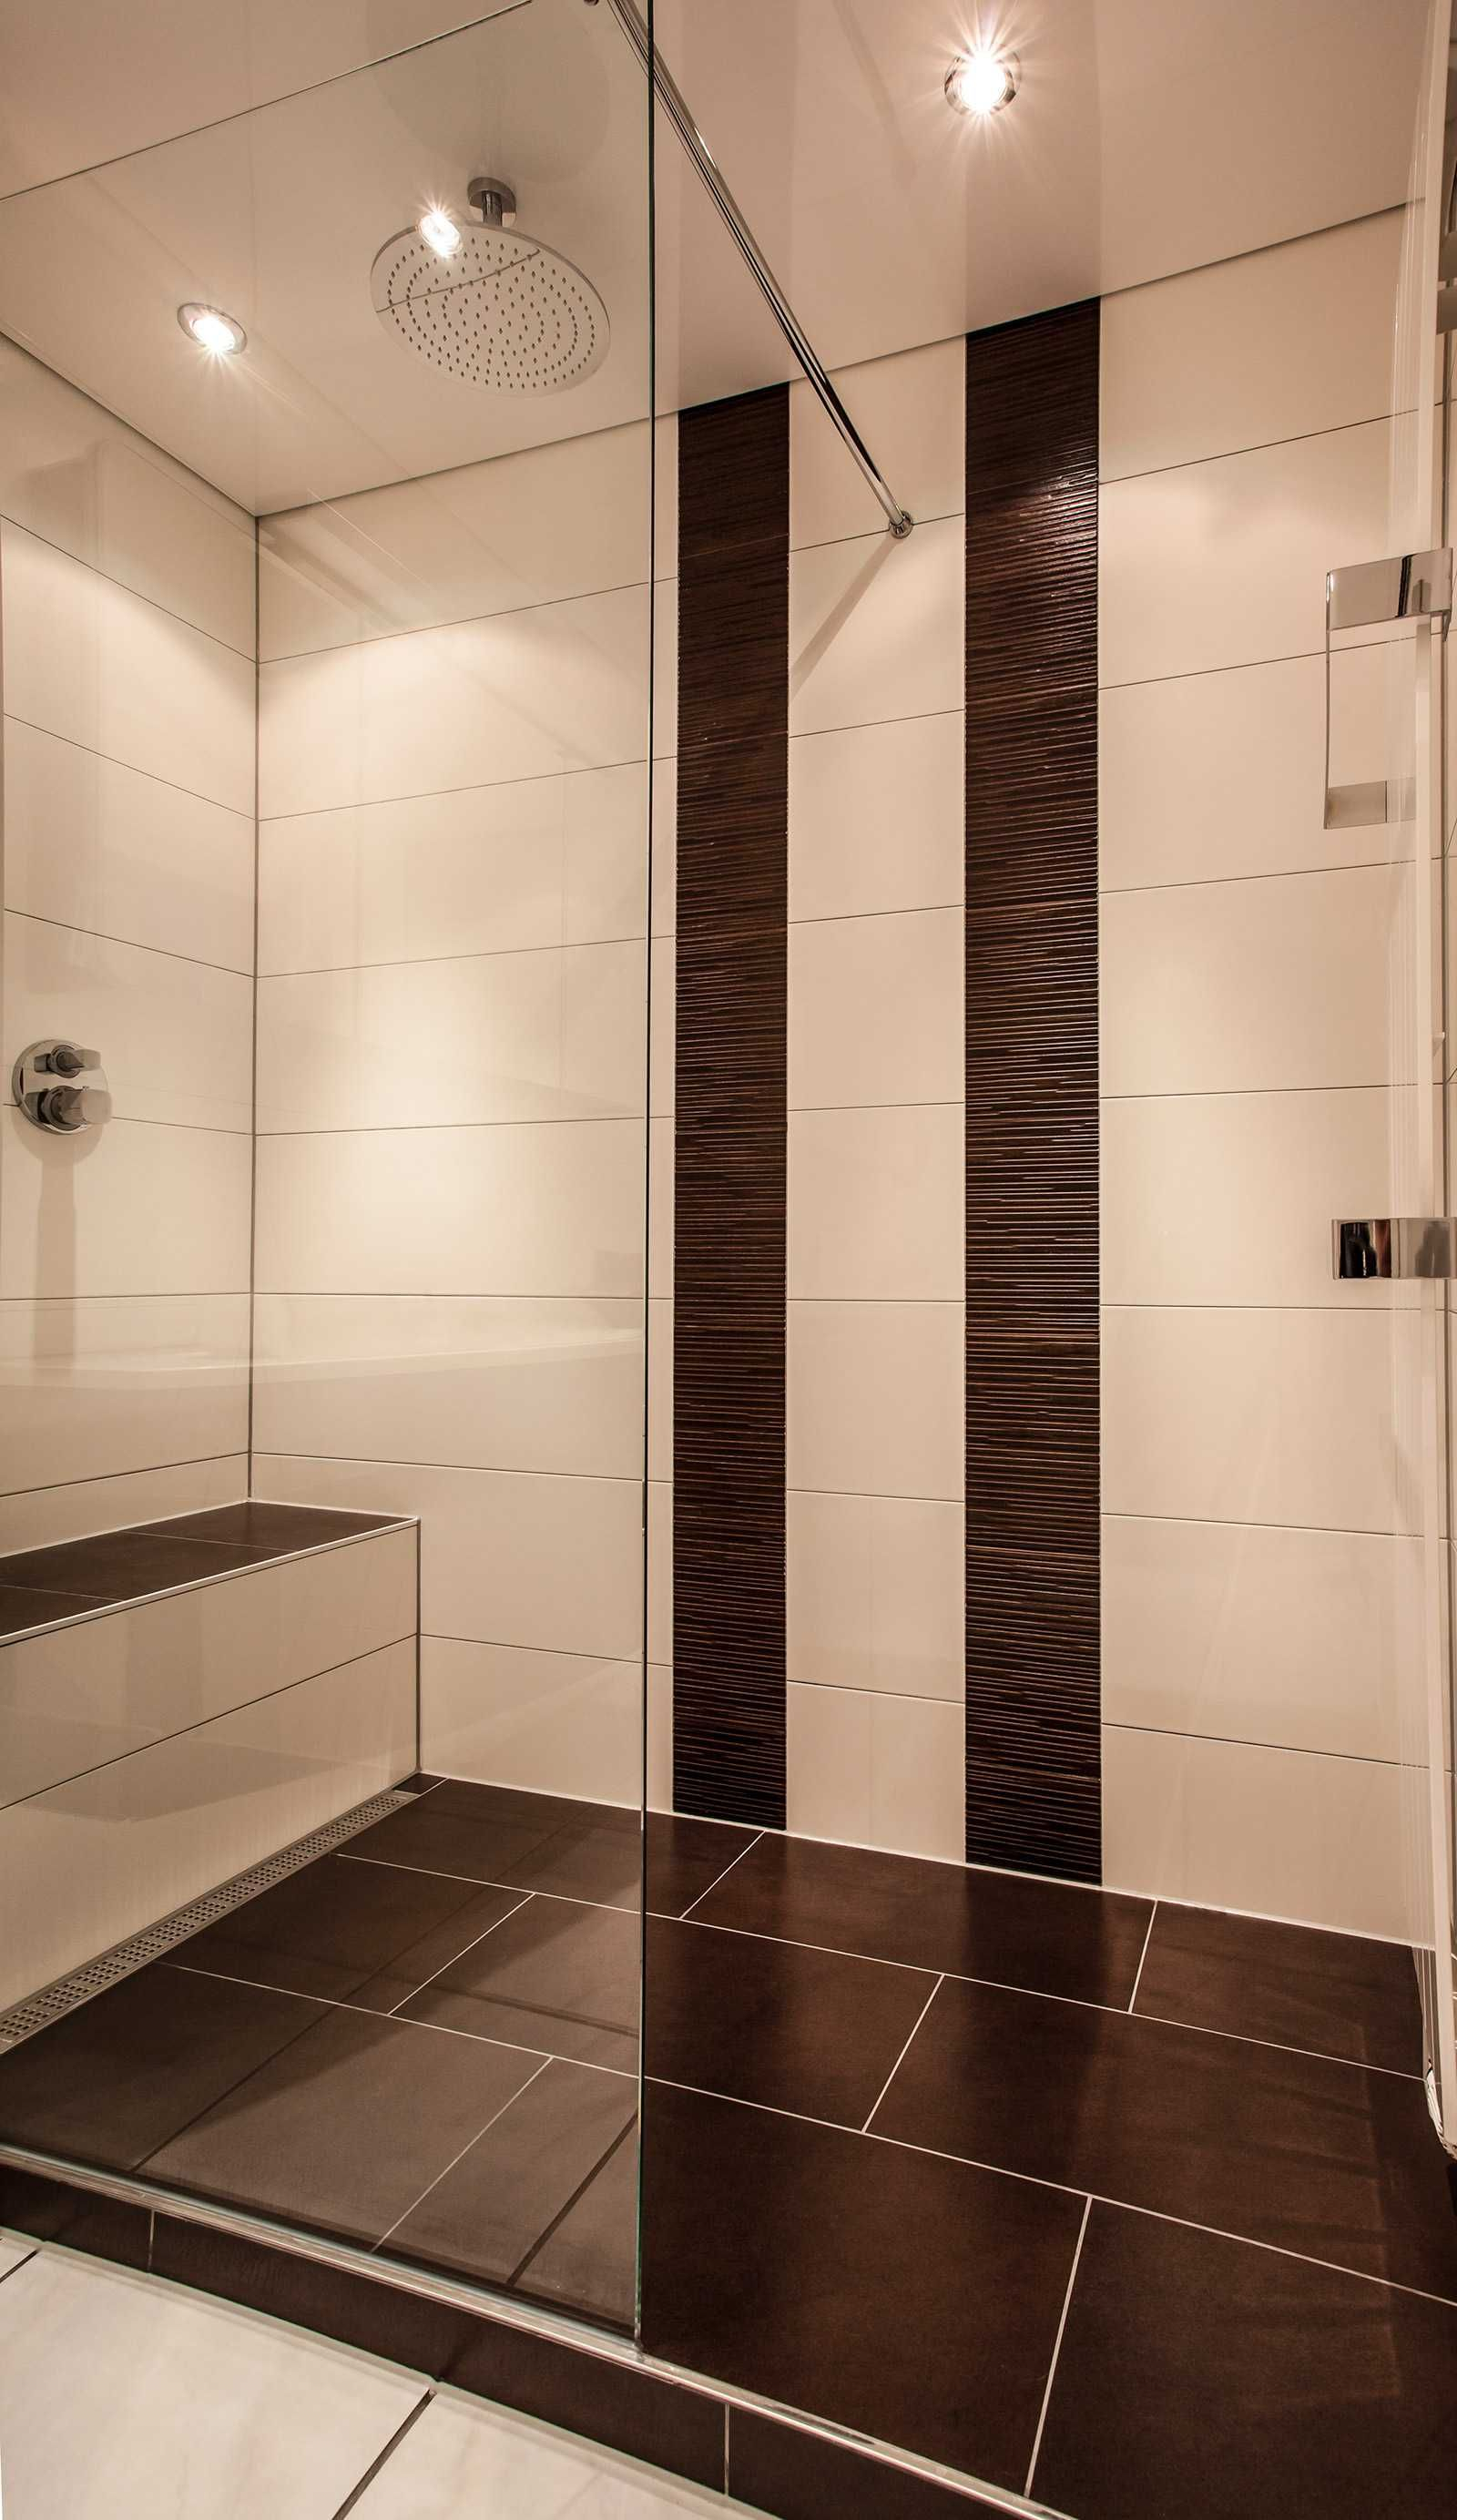 edle duschkabine mit sitzm glichkeit und gro em. Black Bedroom Furniture Sets. Home Design Ideas